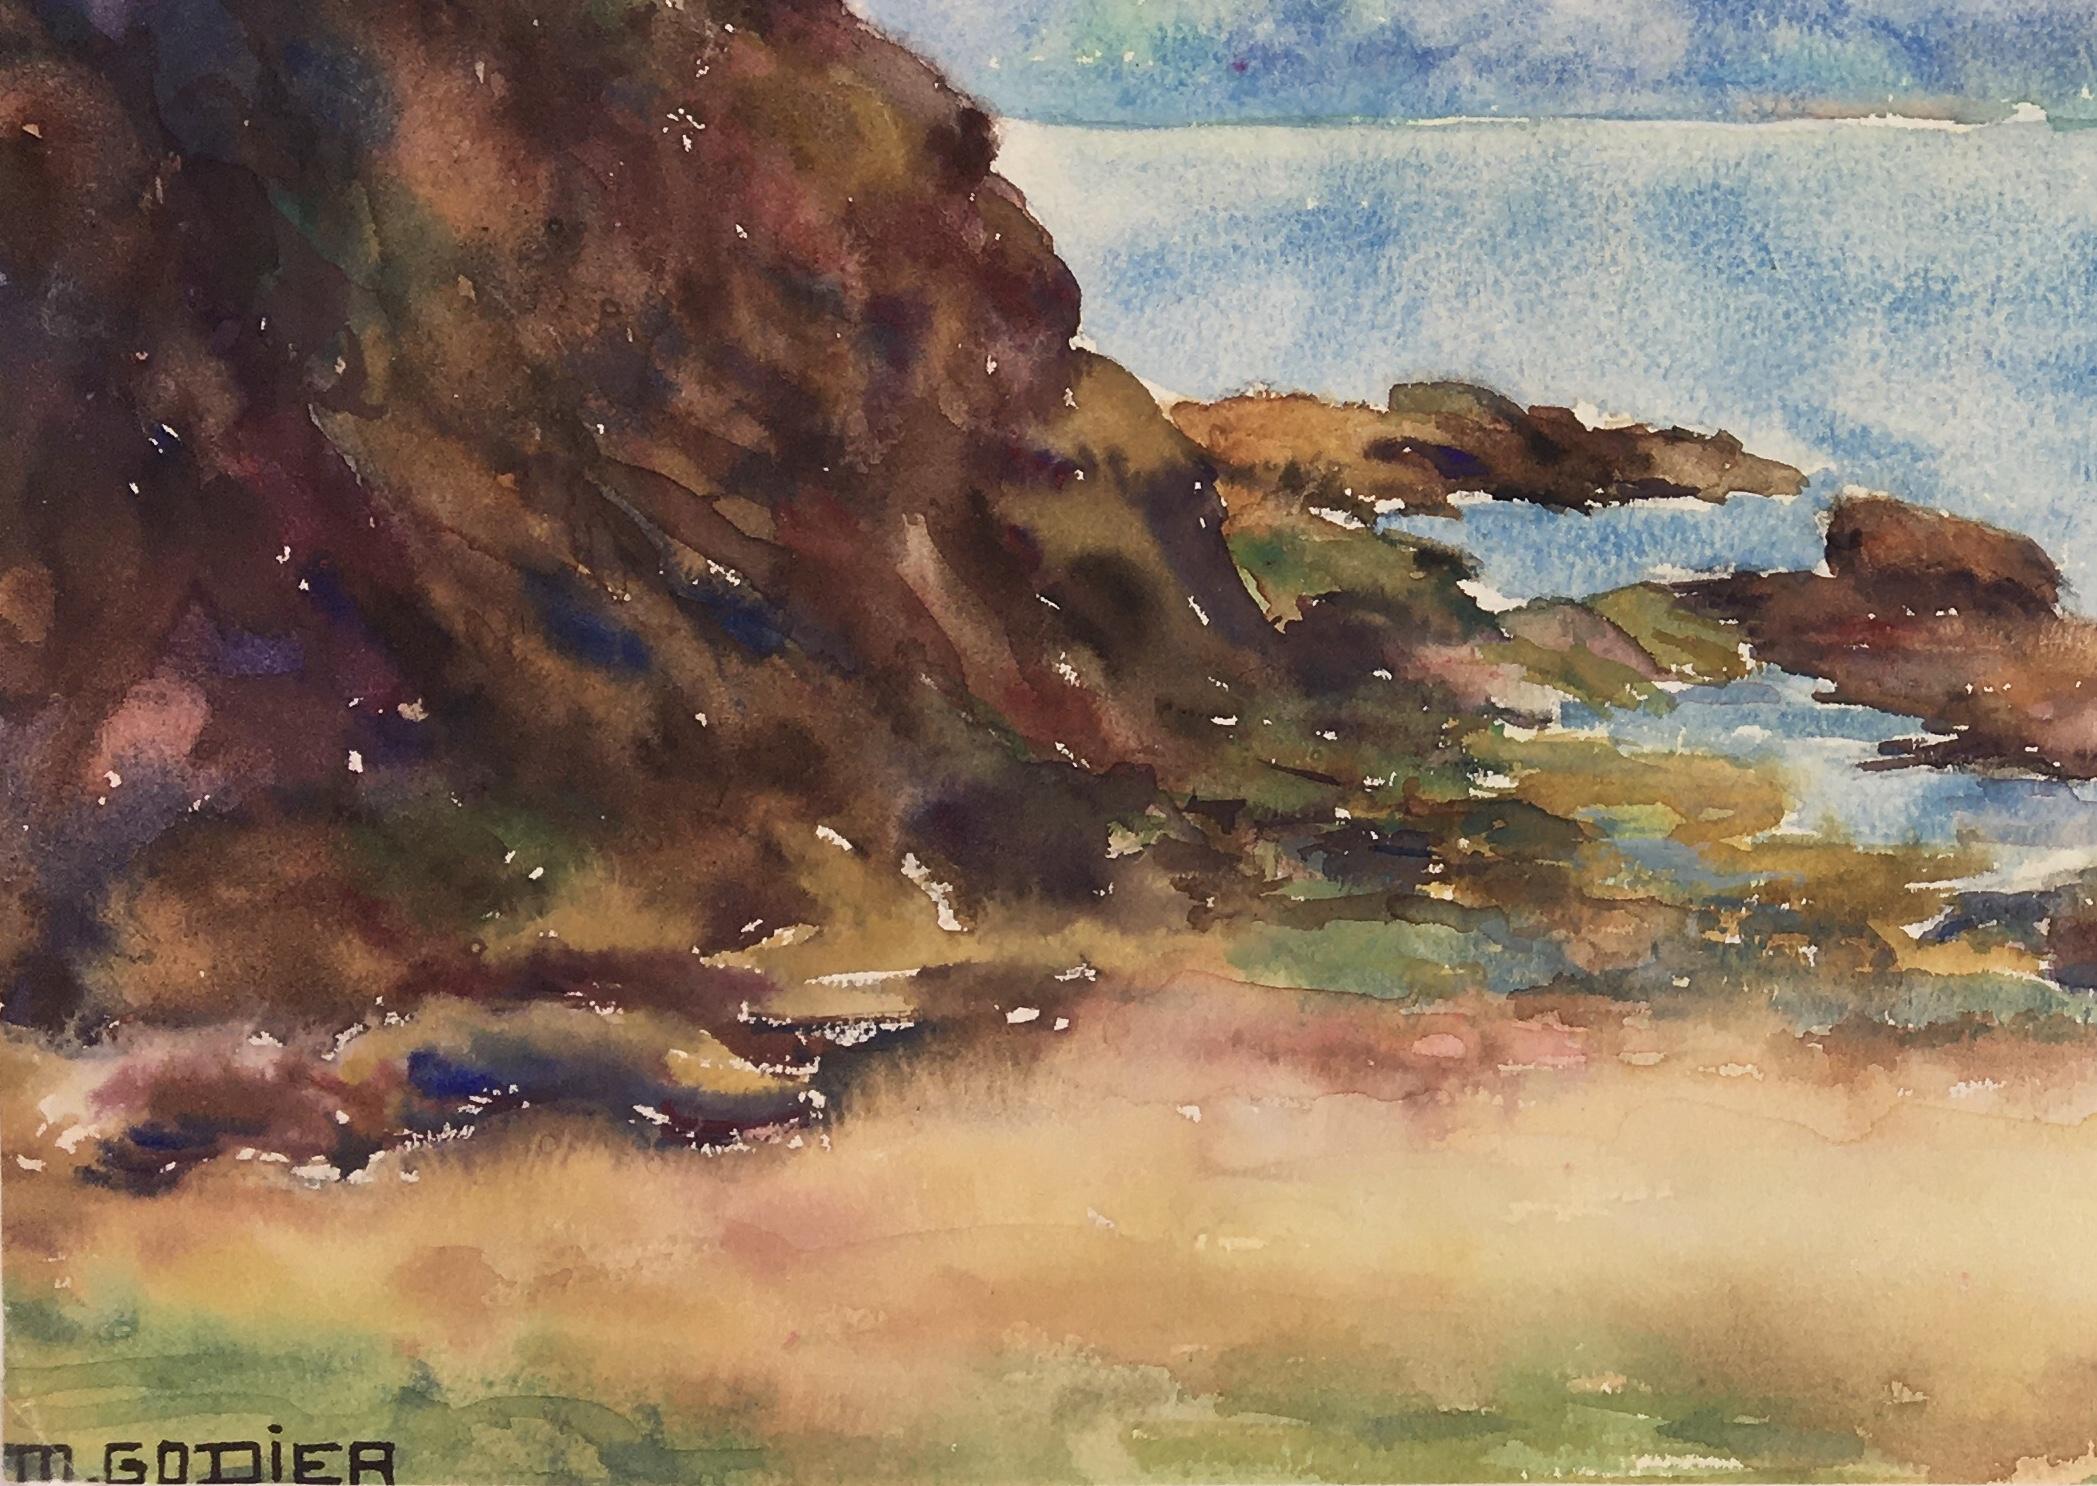 Seascapes Original Art - Quiet Beach, M. Godier, c.1940